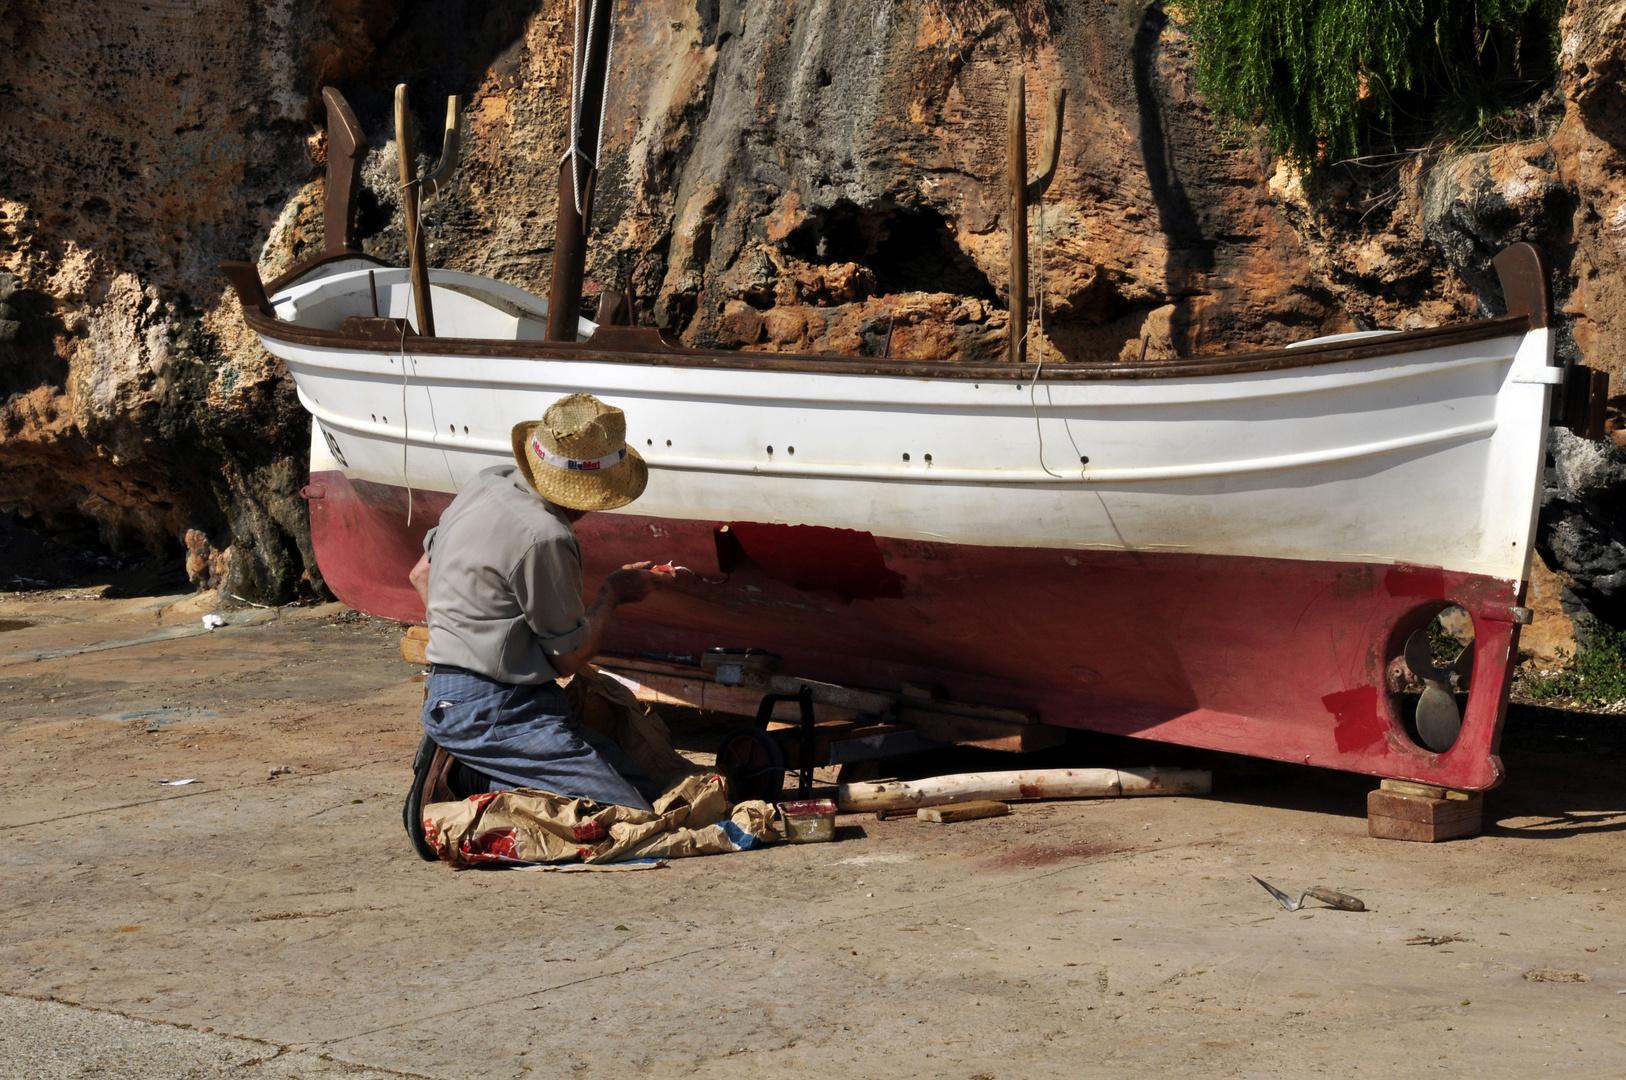 arreglando la barca